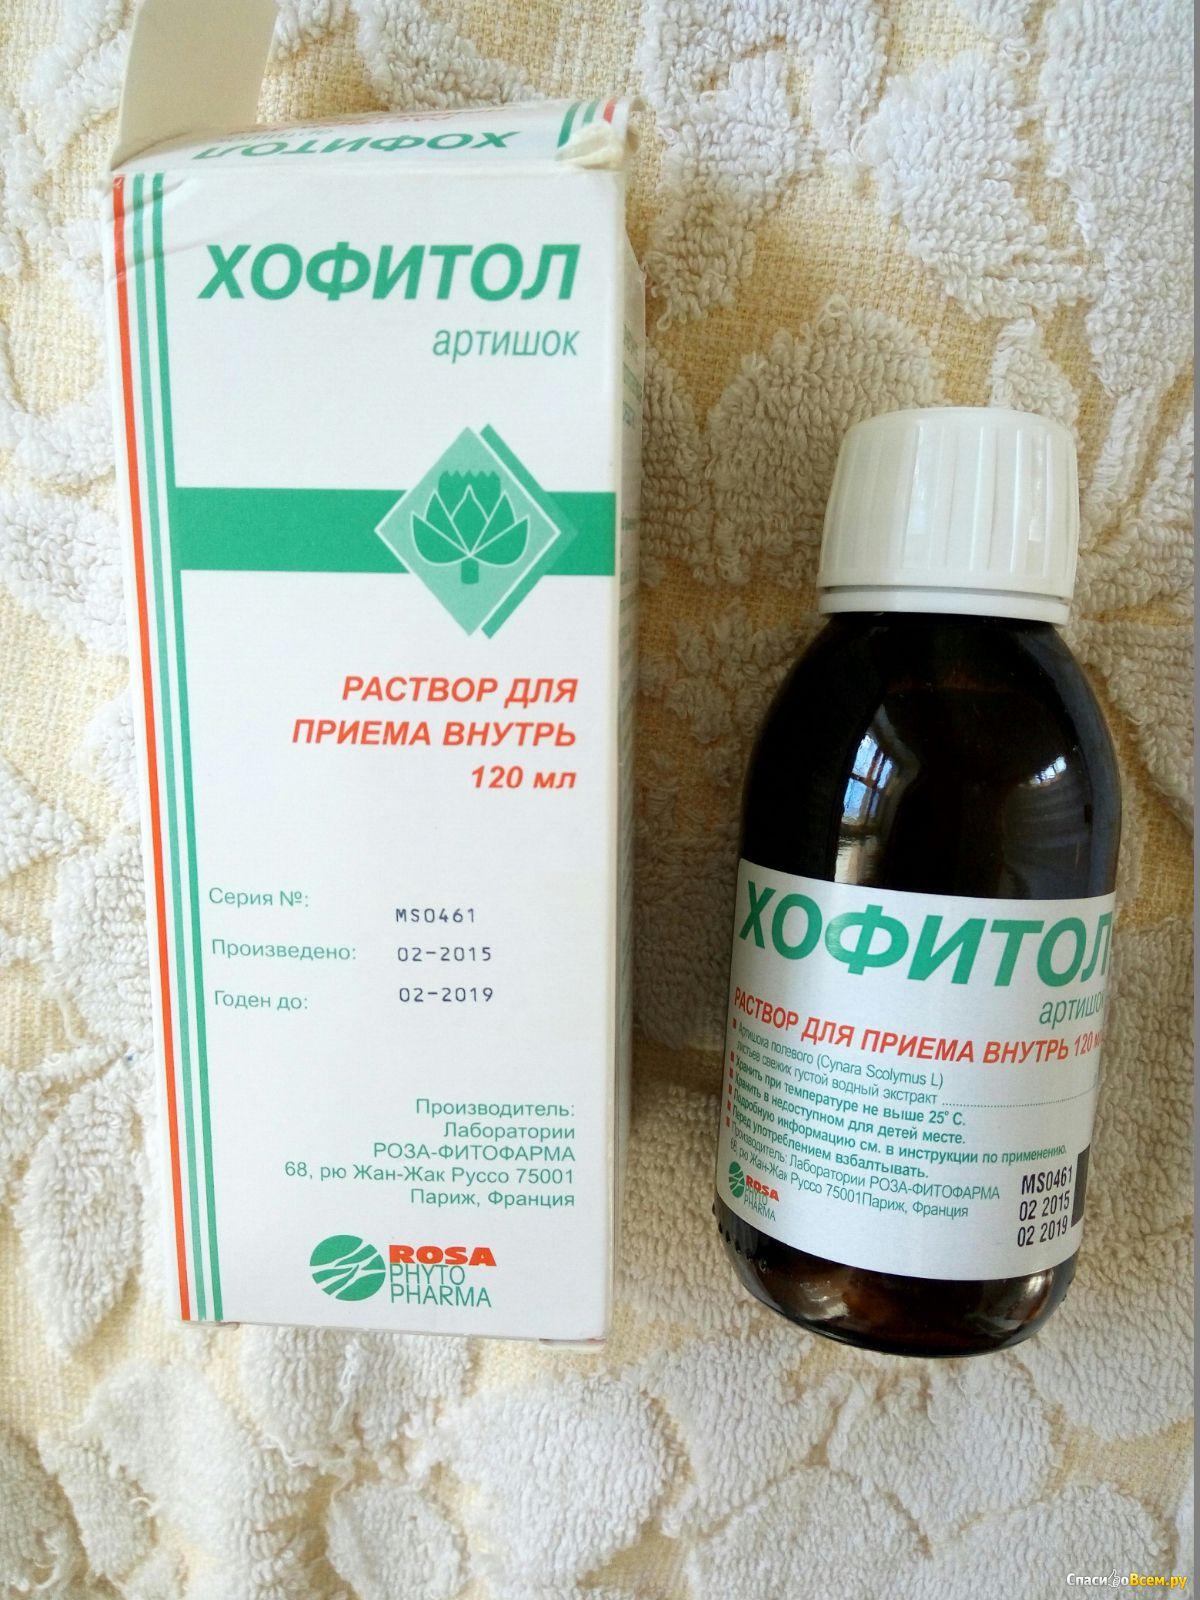 Как принимать препарат хофитол детям и взрослых - состав, показания, побочные эффекты, аналоги и цена